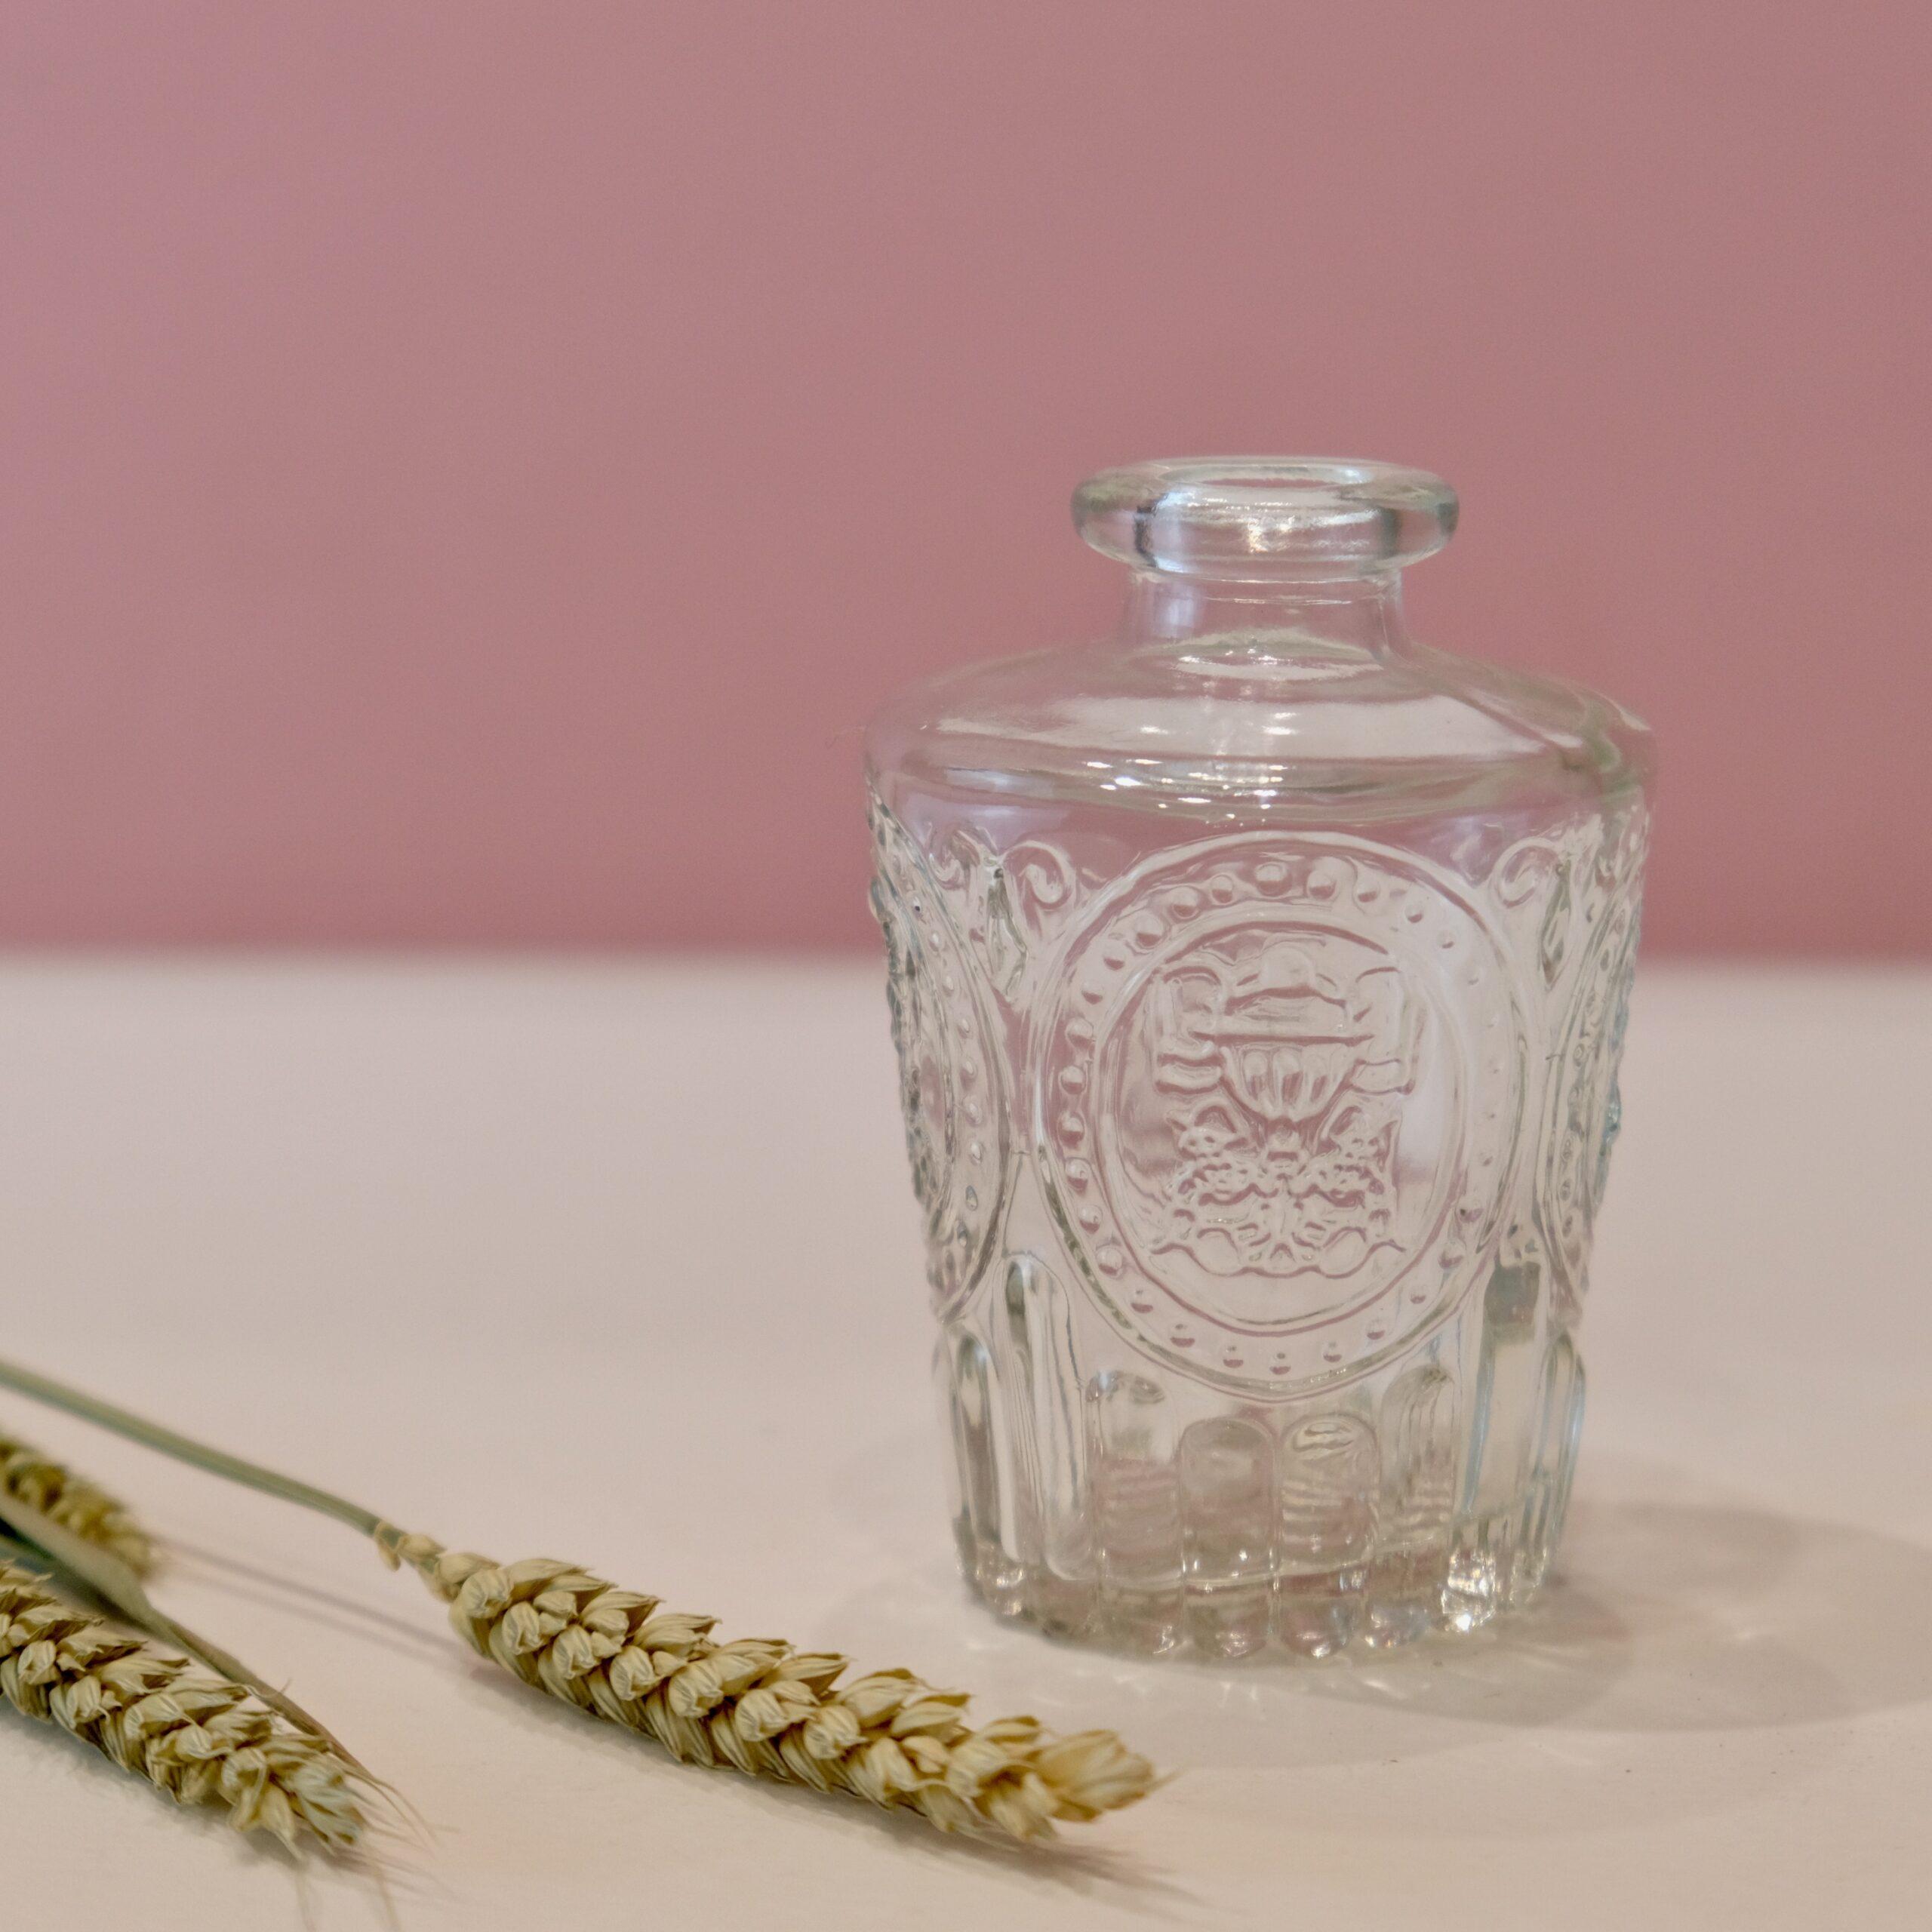 fiole-6-atelier-lavarenne-fleuriste-lyon